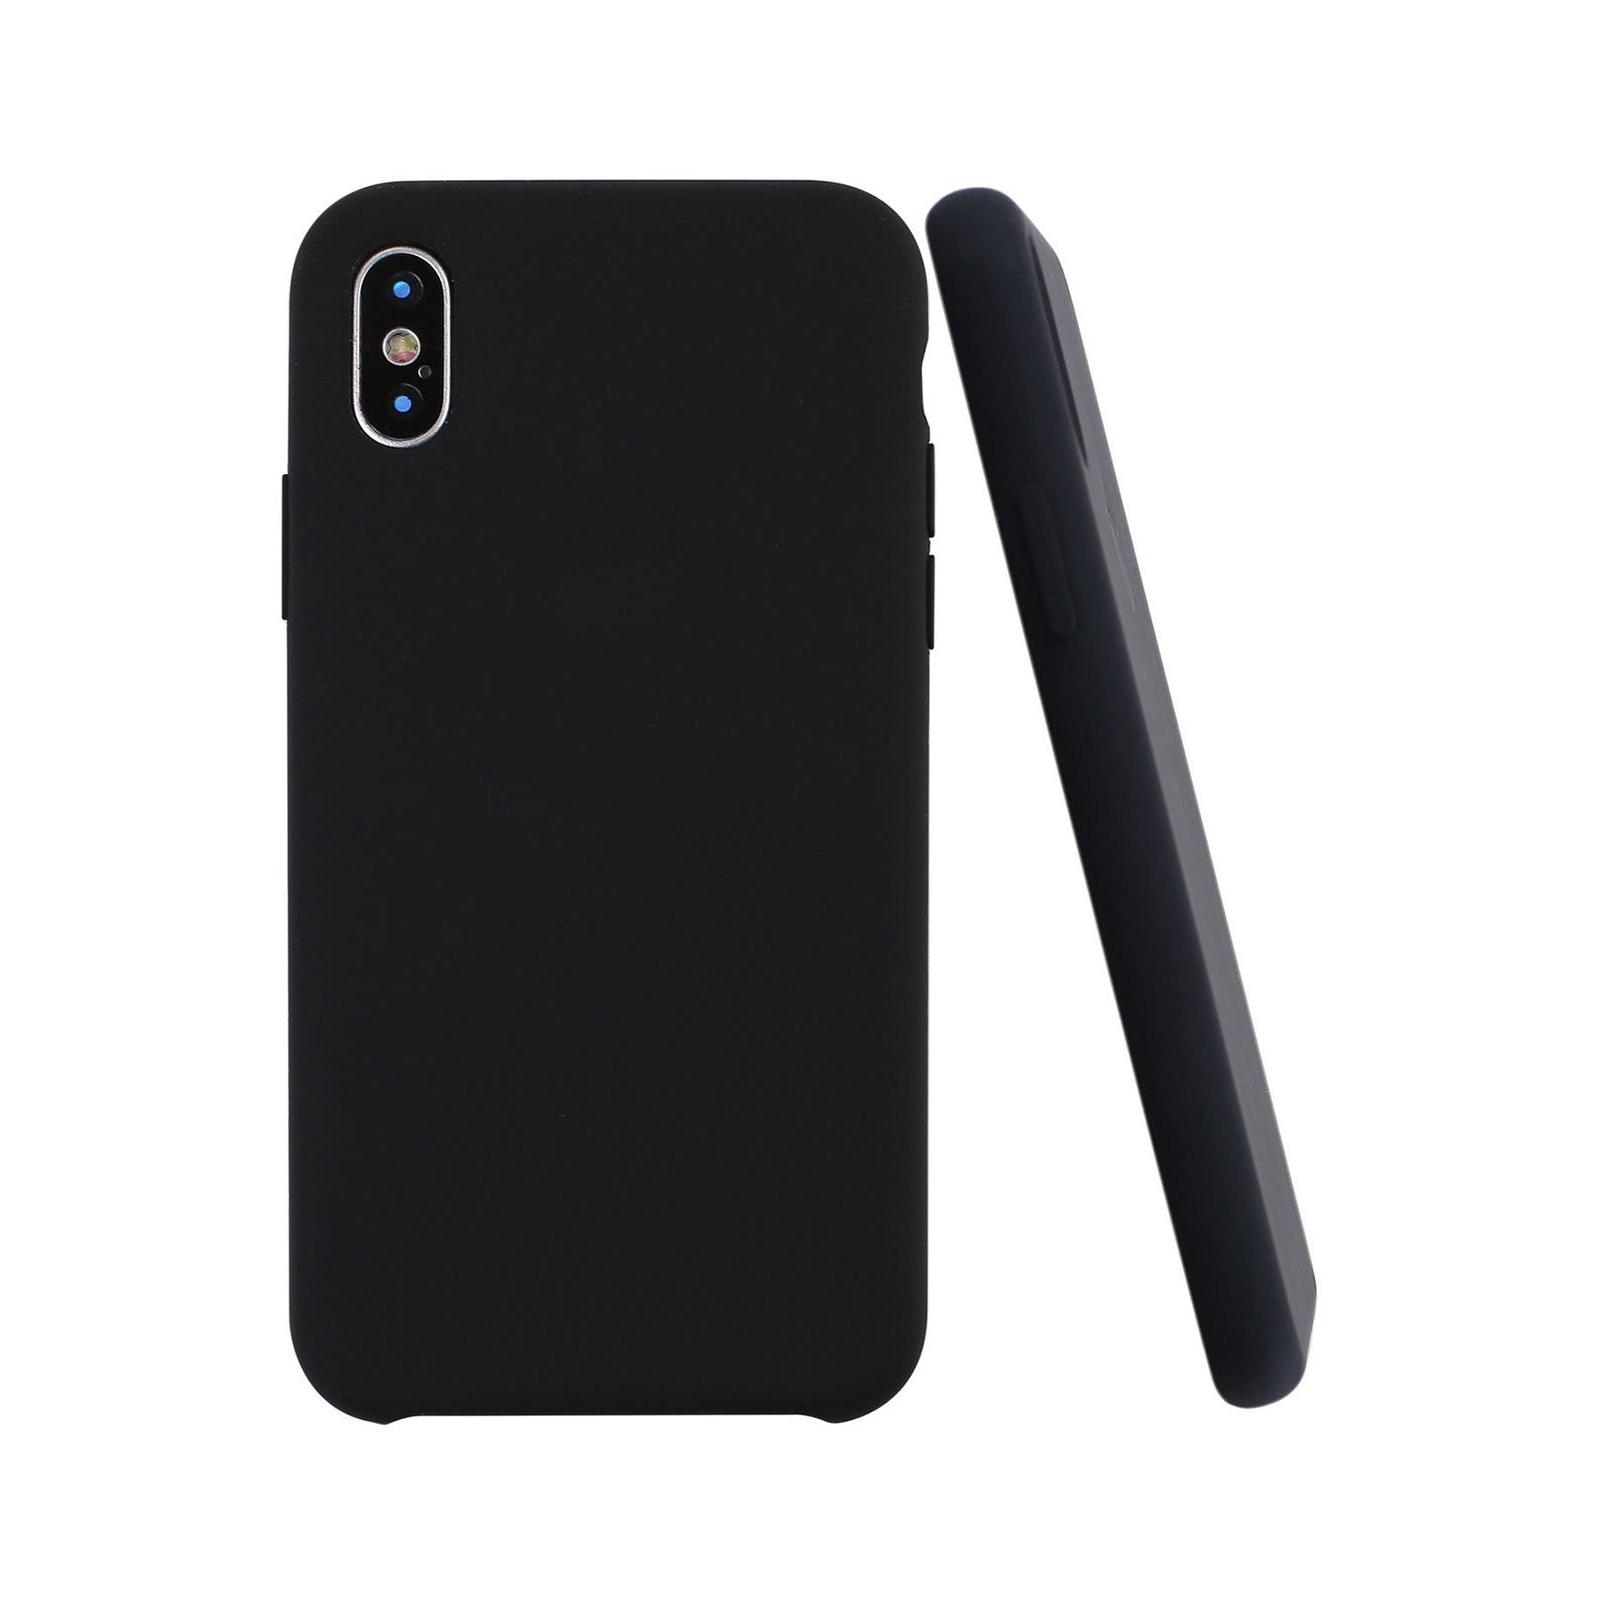 Чехол для моб. телефона Laudtec для iPhone X/XS liquid case (black) (LT-IXLC) изображение 9